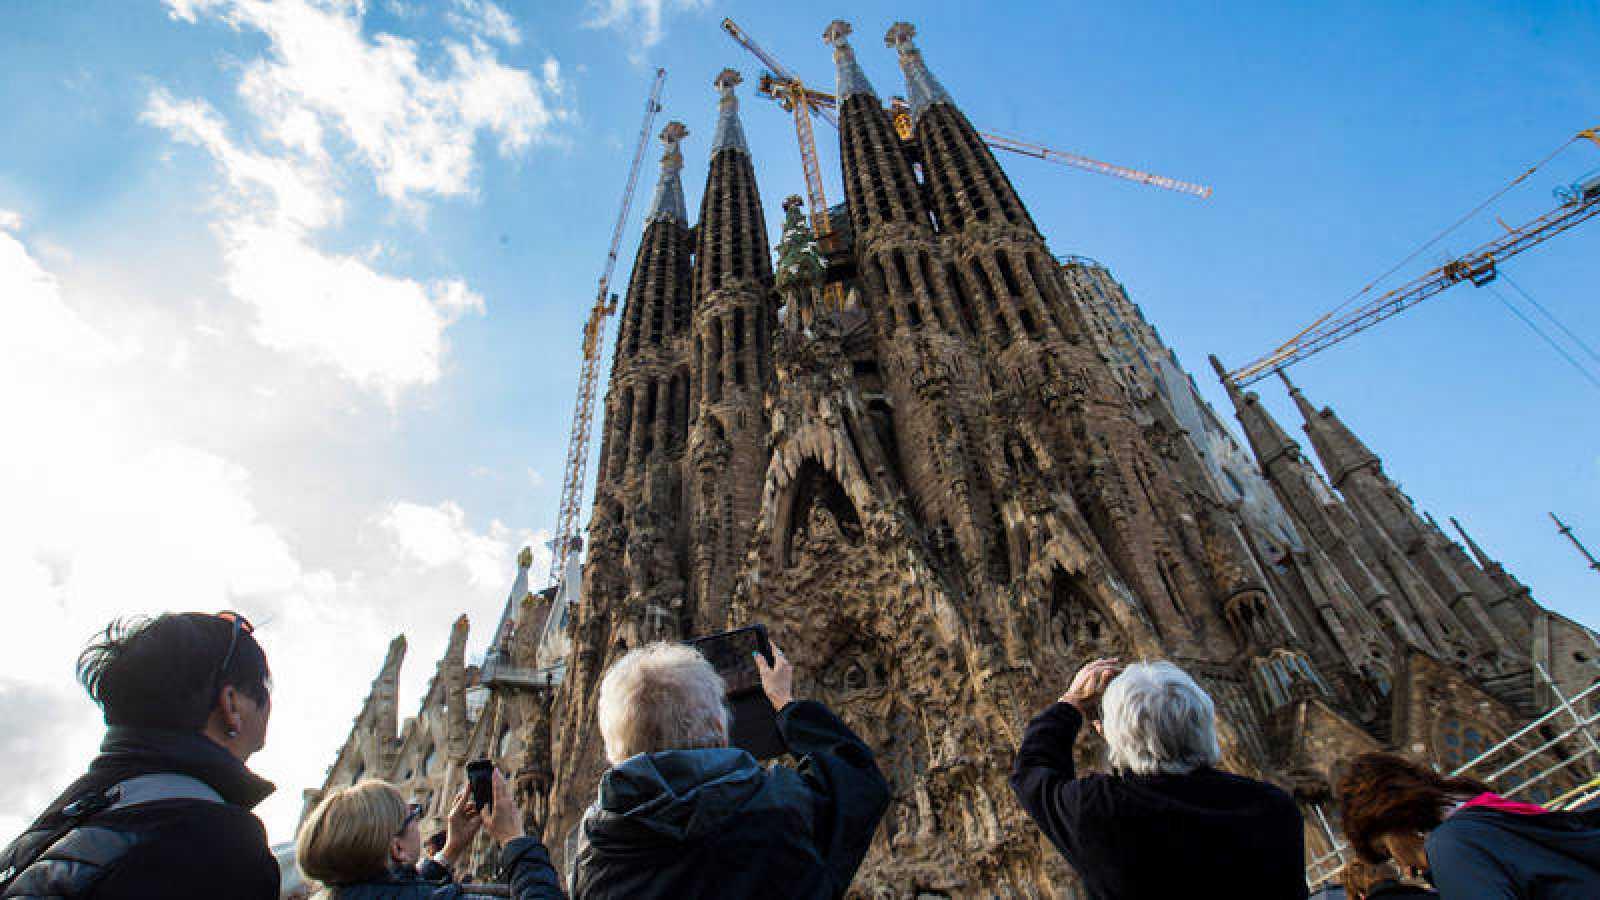 Un grupo de turistas fotografía la Sagrada Familia en Barcelona